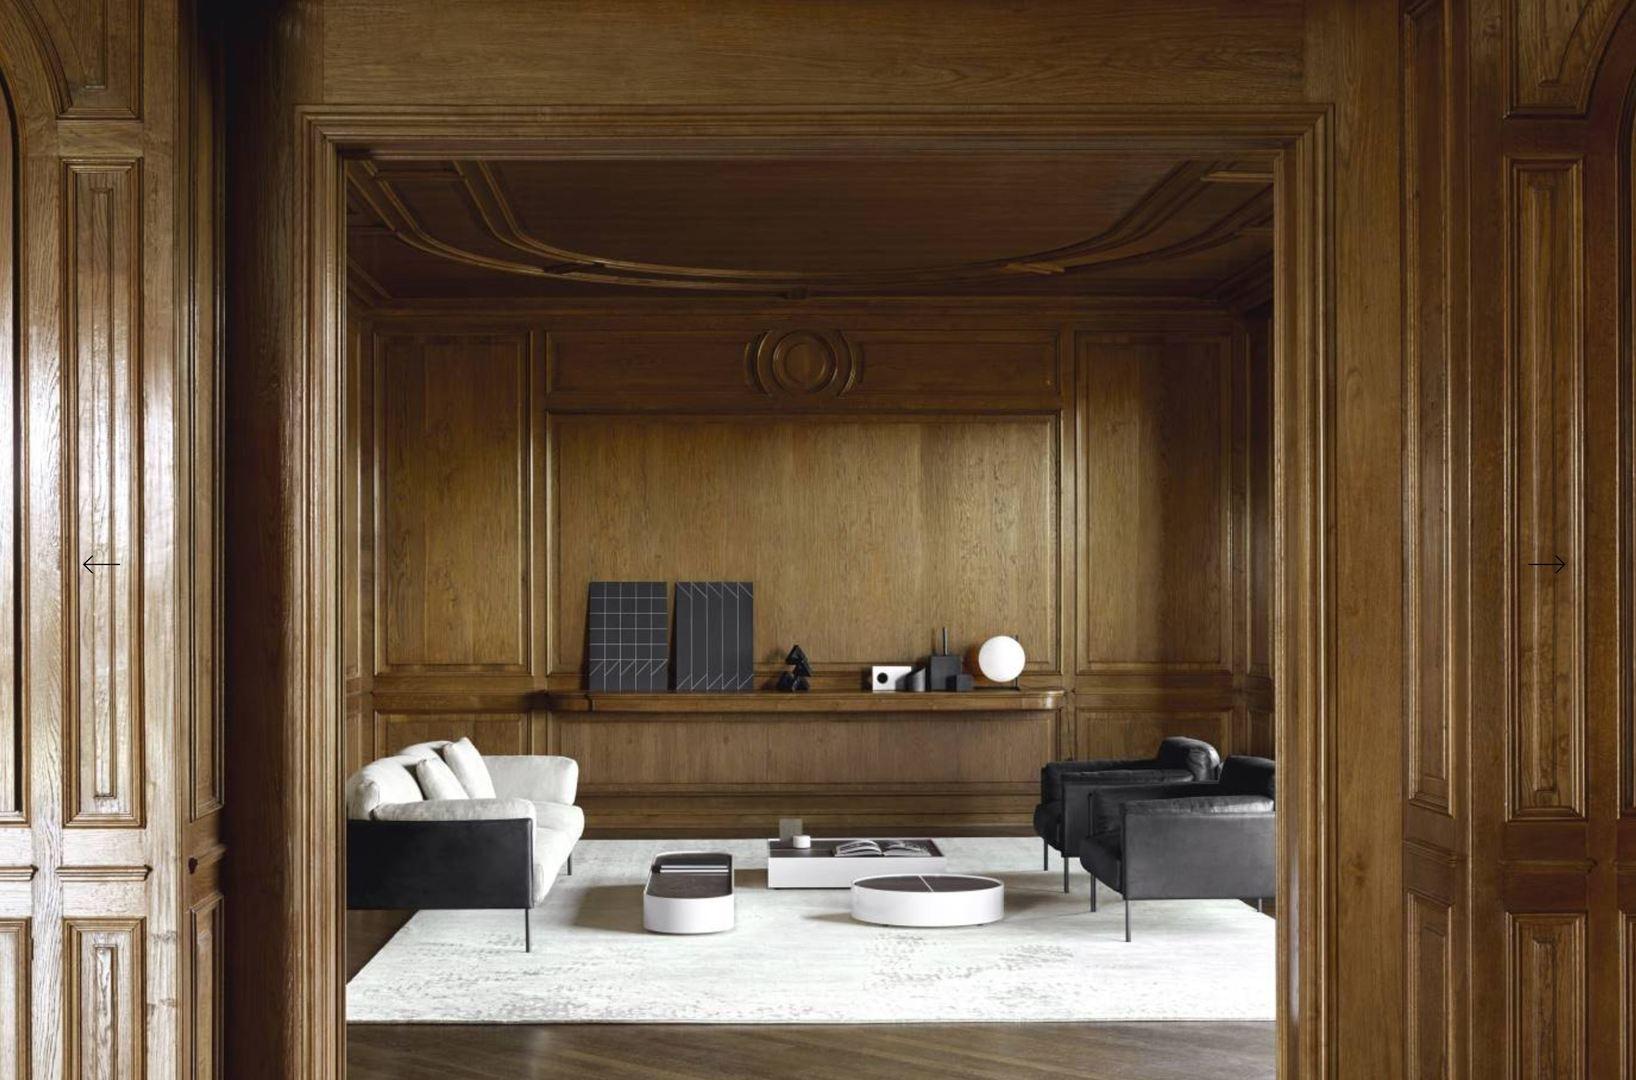 greene opstelling sofa's.JPG